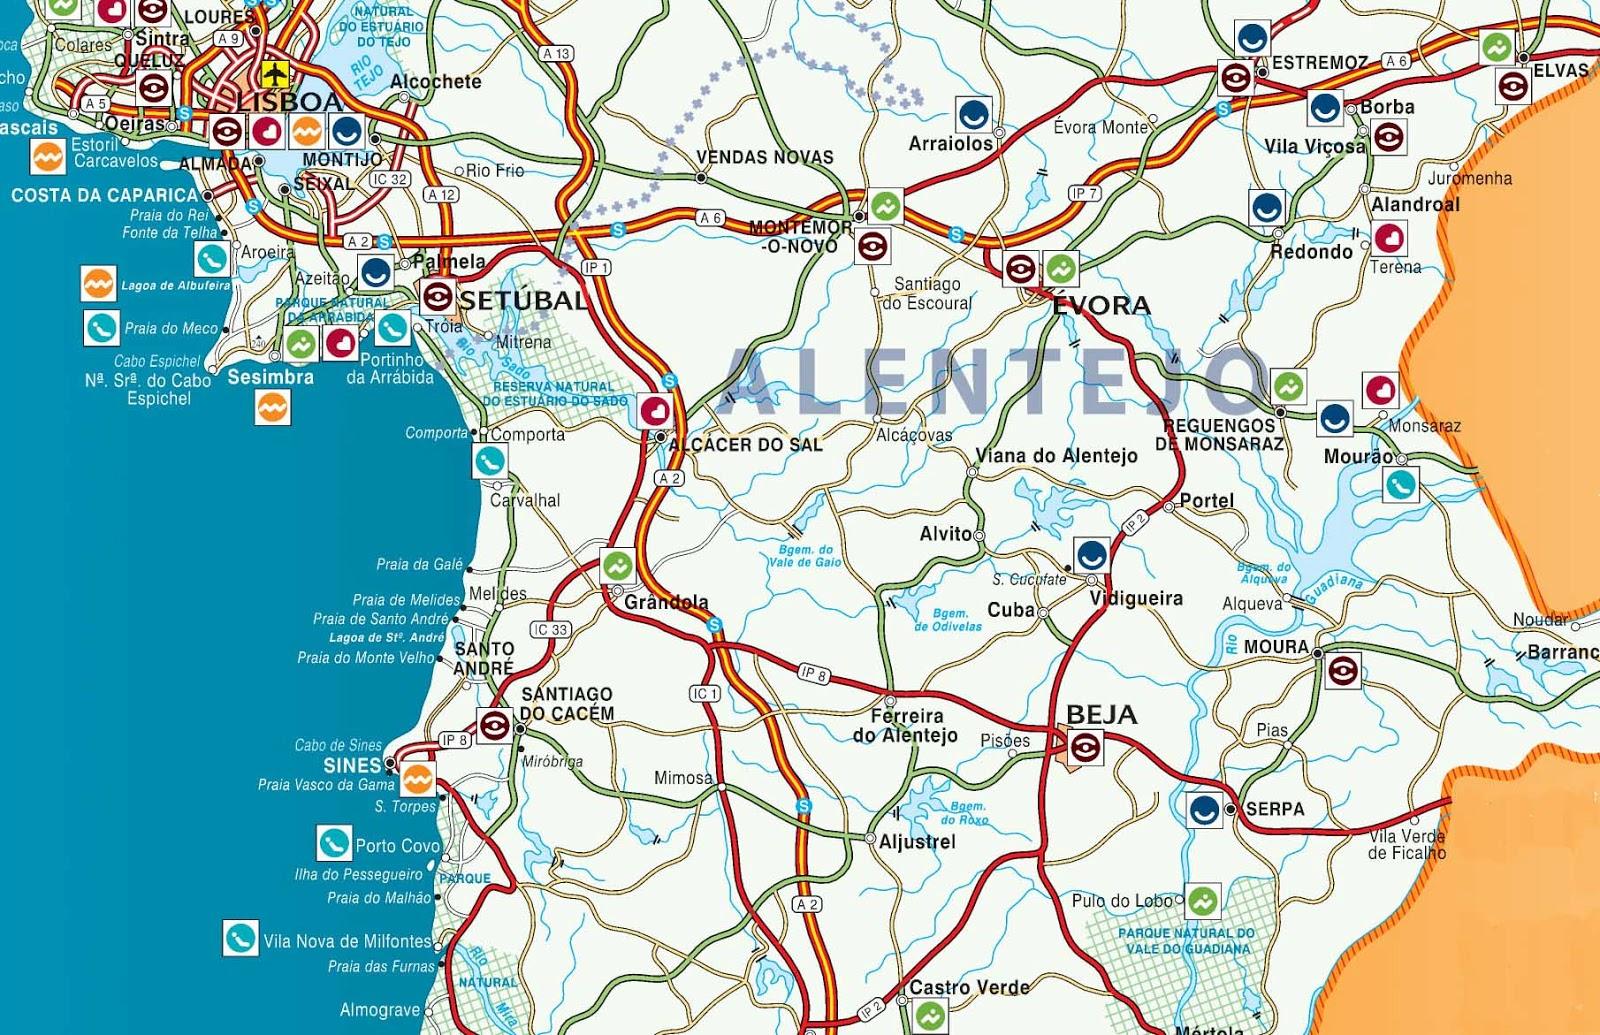 mapa do alentejo portugal Mapas de Beja   Portugal | MapasBlog mapa do alentejo portugal